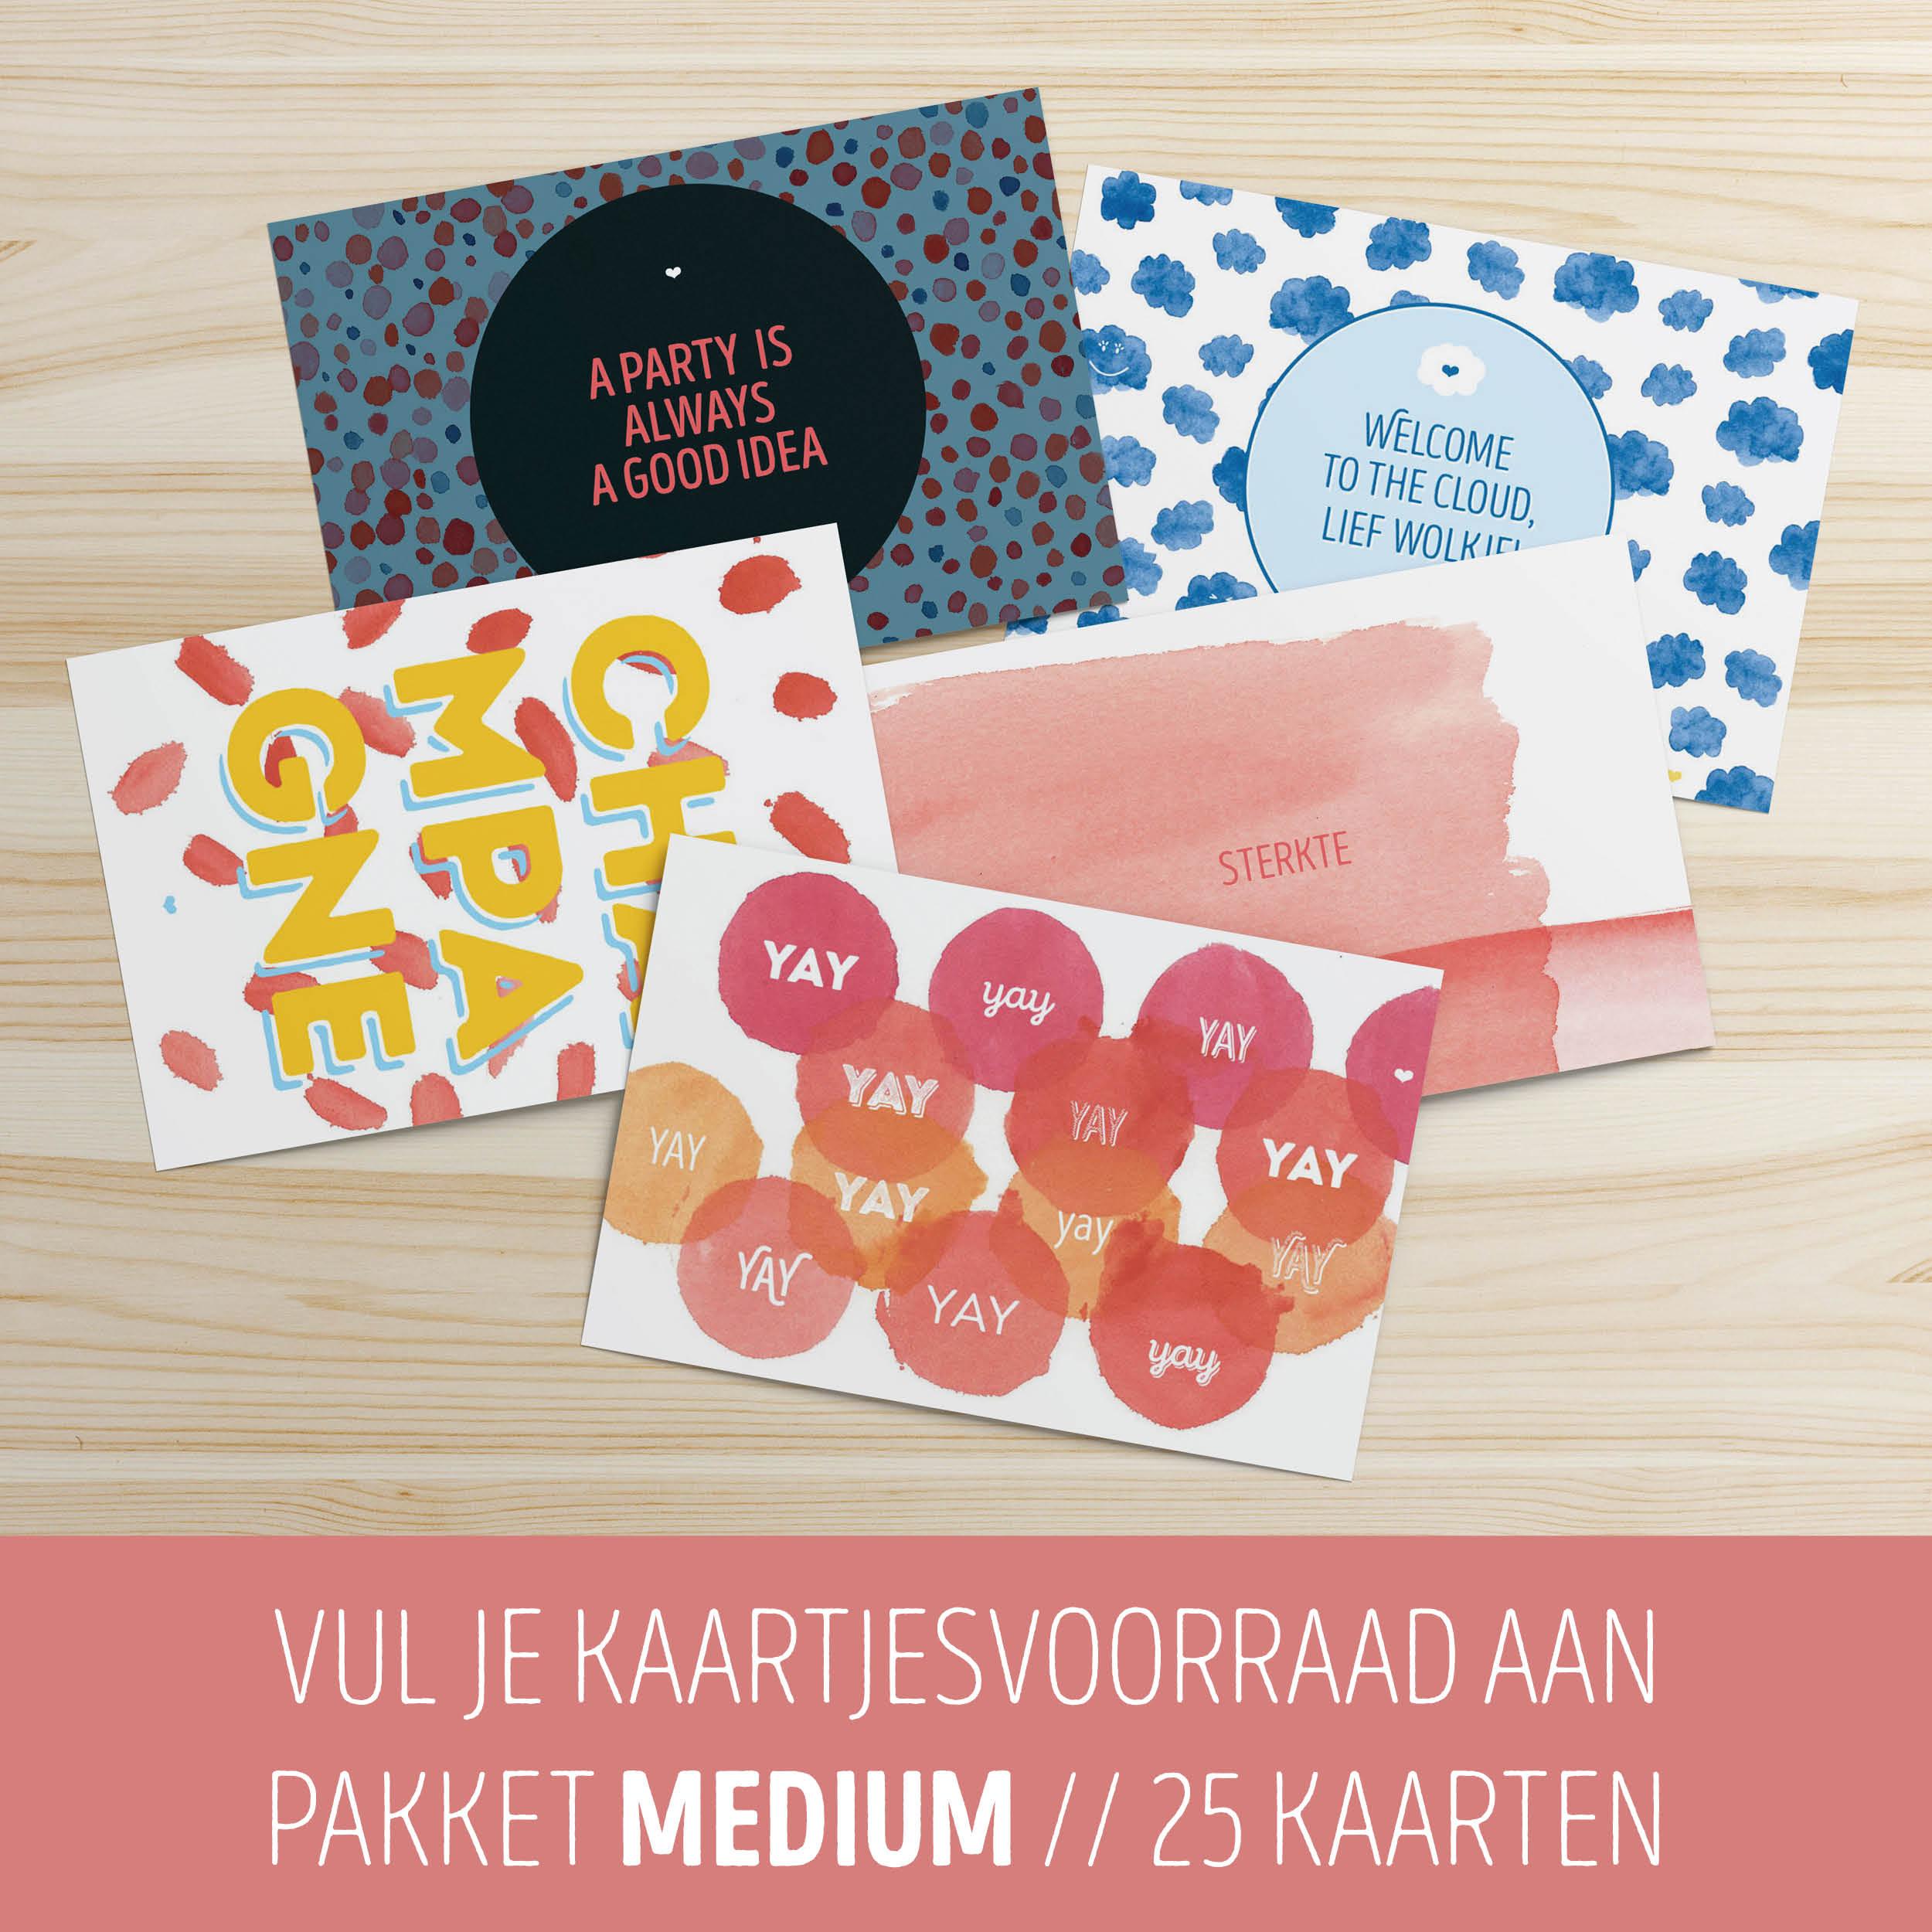 Kaartjesvoorraadpakket Medium // 25 kaarten